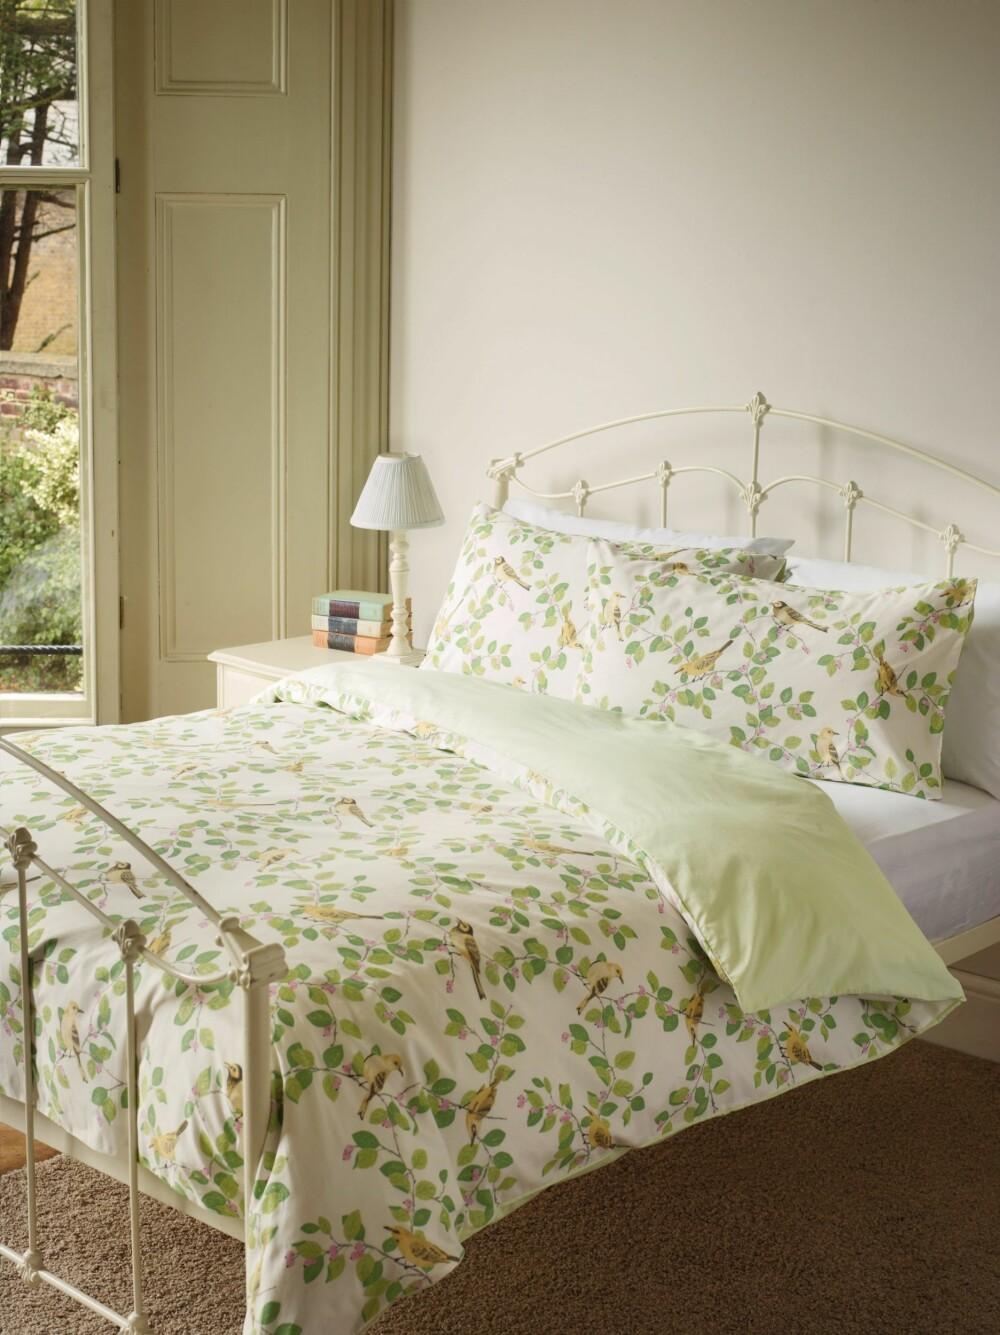 COTTAGESTIL: Å legge seg i dette lyse, delikate soverommet må være perfekt for en god natts søvn.